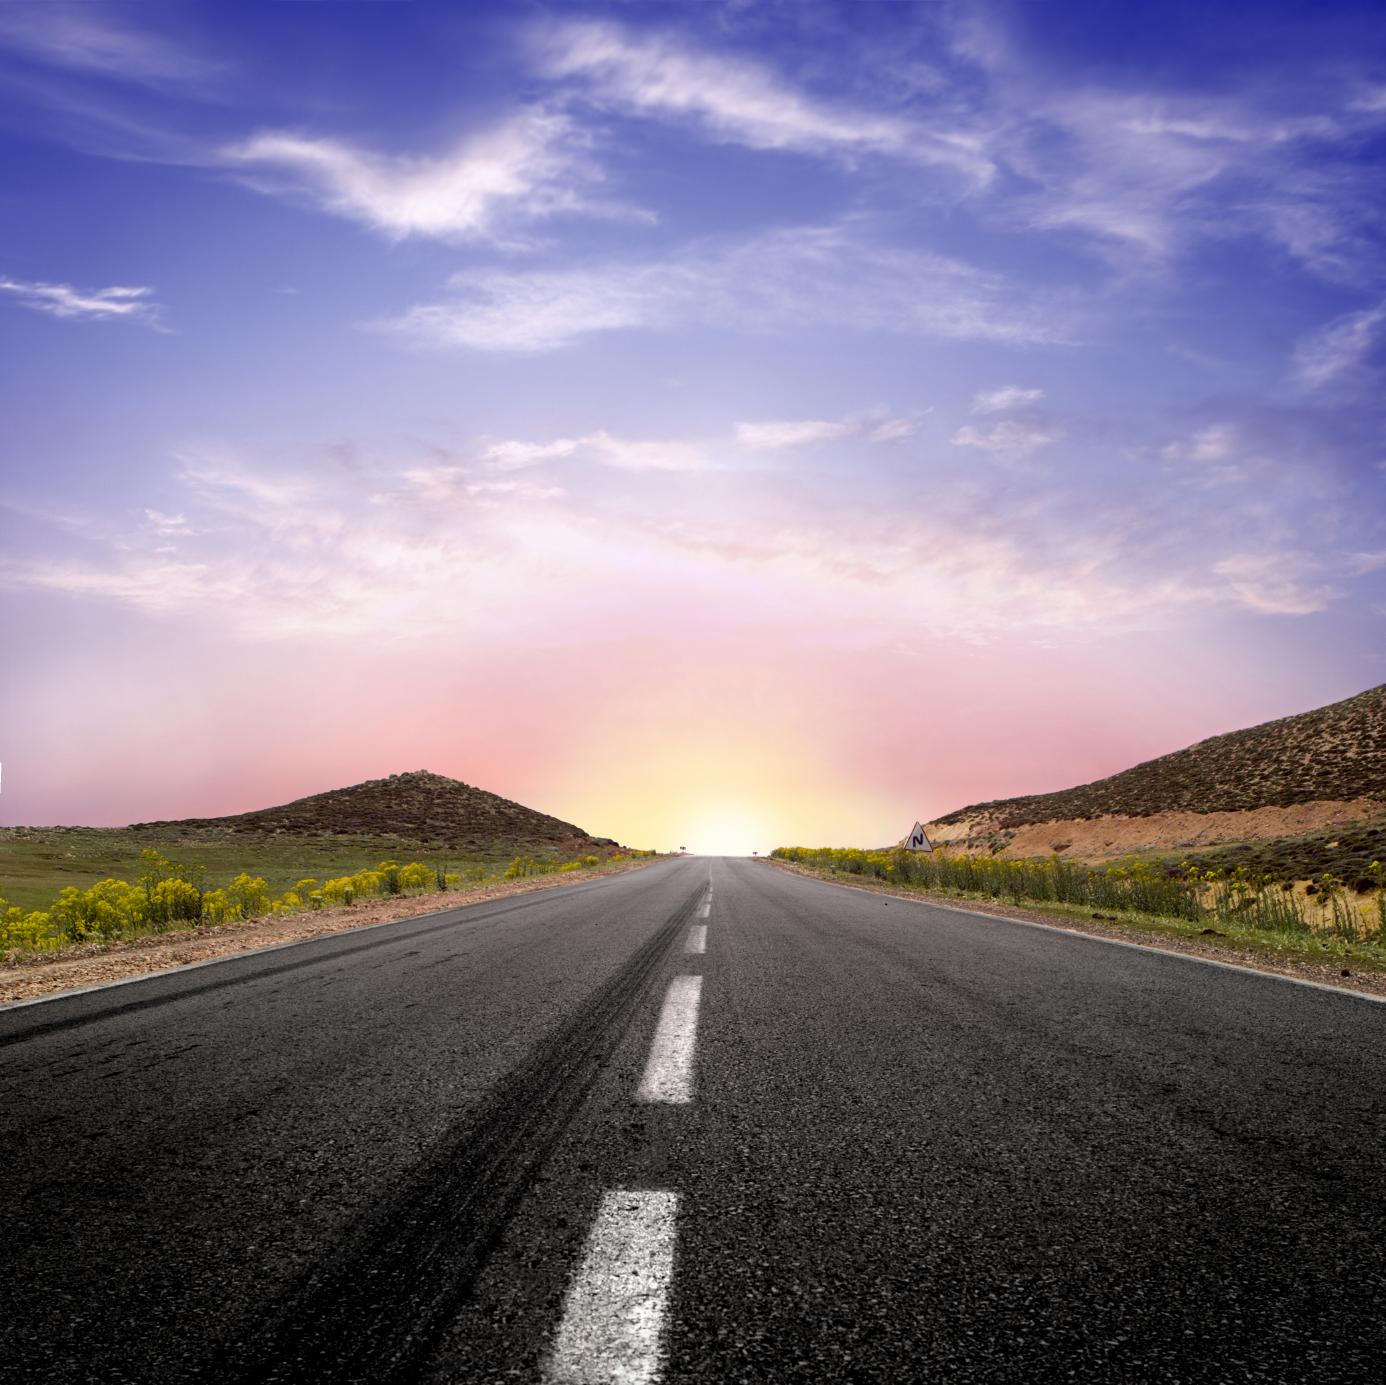 Long Winding Ro... Road